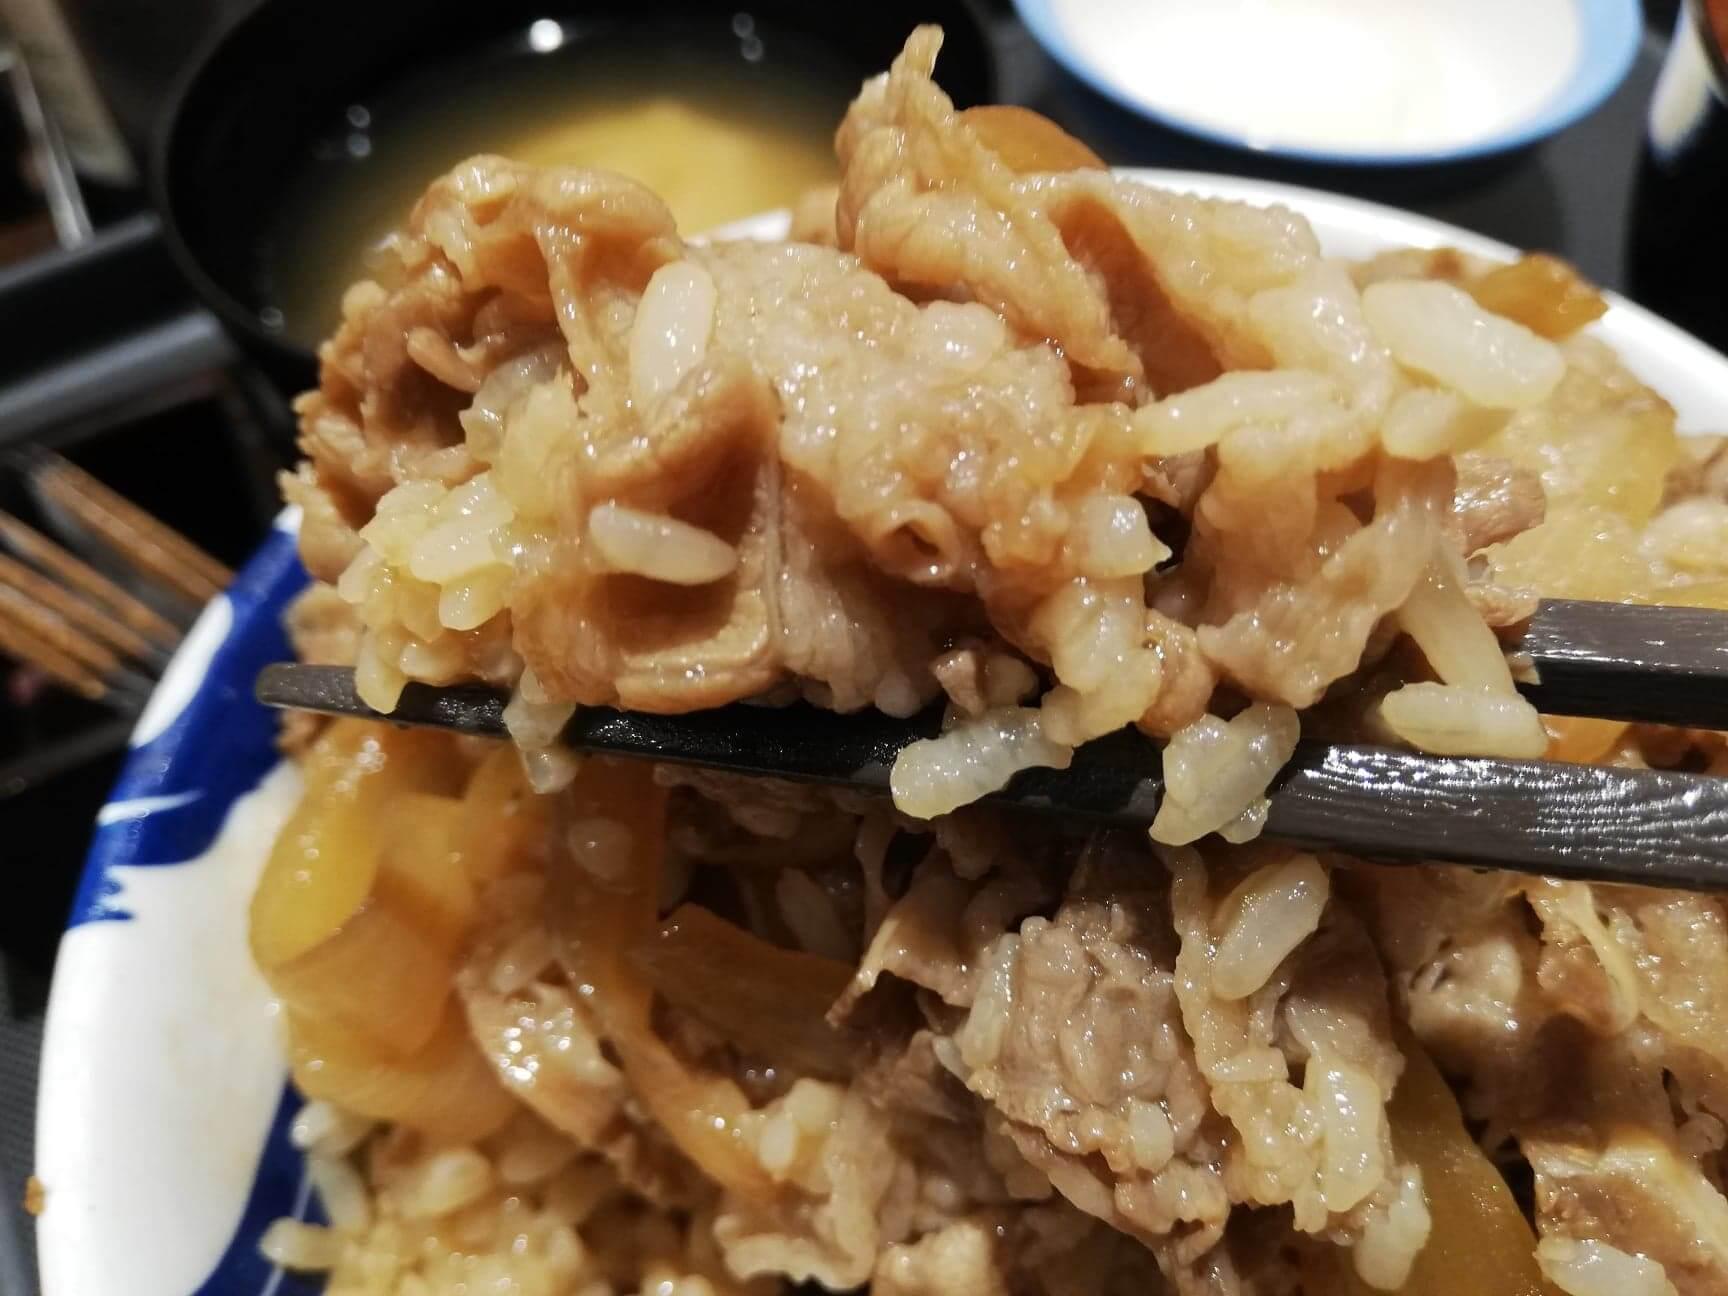 松屋の牛丼を箸で掴んでいる画像